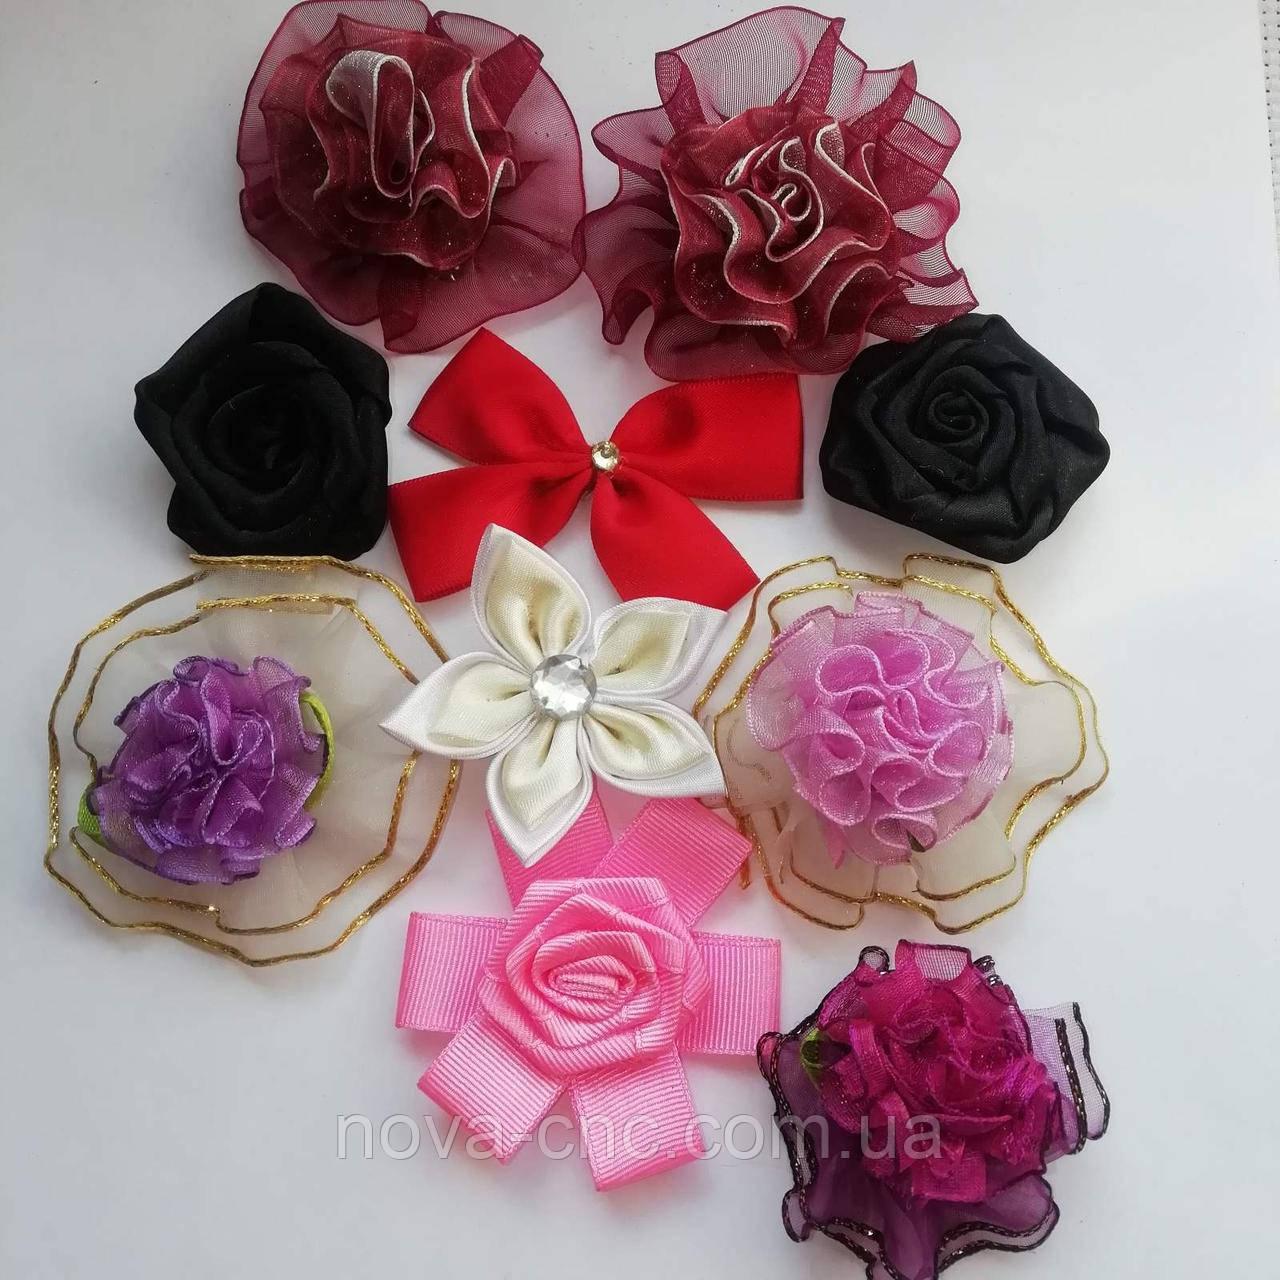 Квіти для декору Мікс 35 мм, 50 мм 10 шт